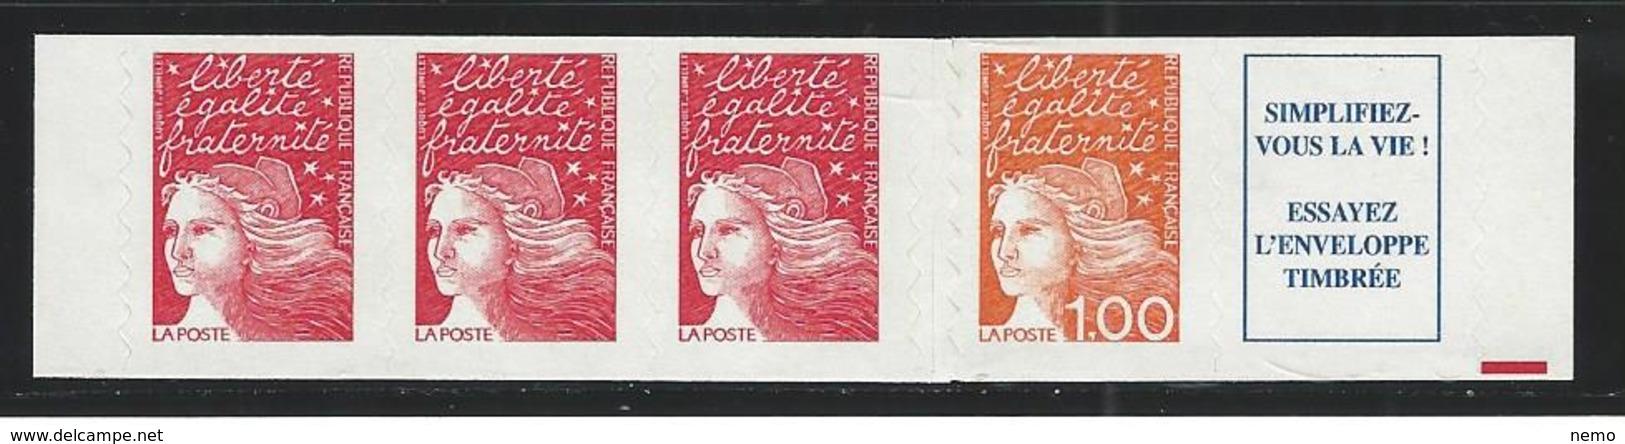 TYPE 2. Bande De 4 Timbres Marianne De Luquet Autocollants De Carnet . 1 Fr + TVP - France